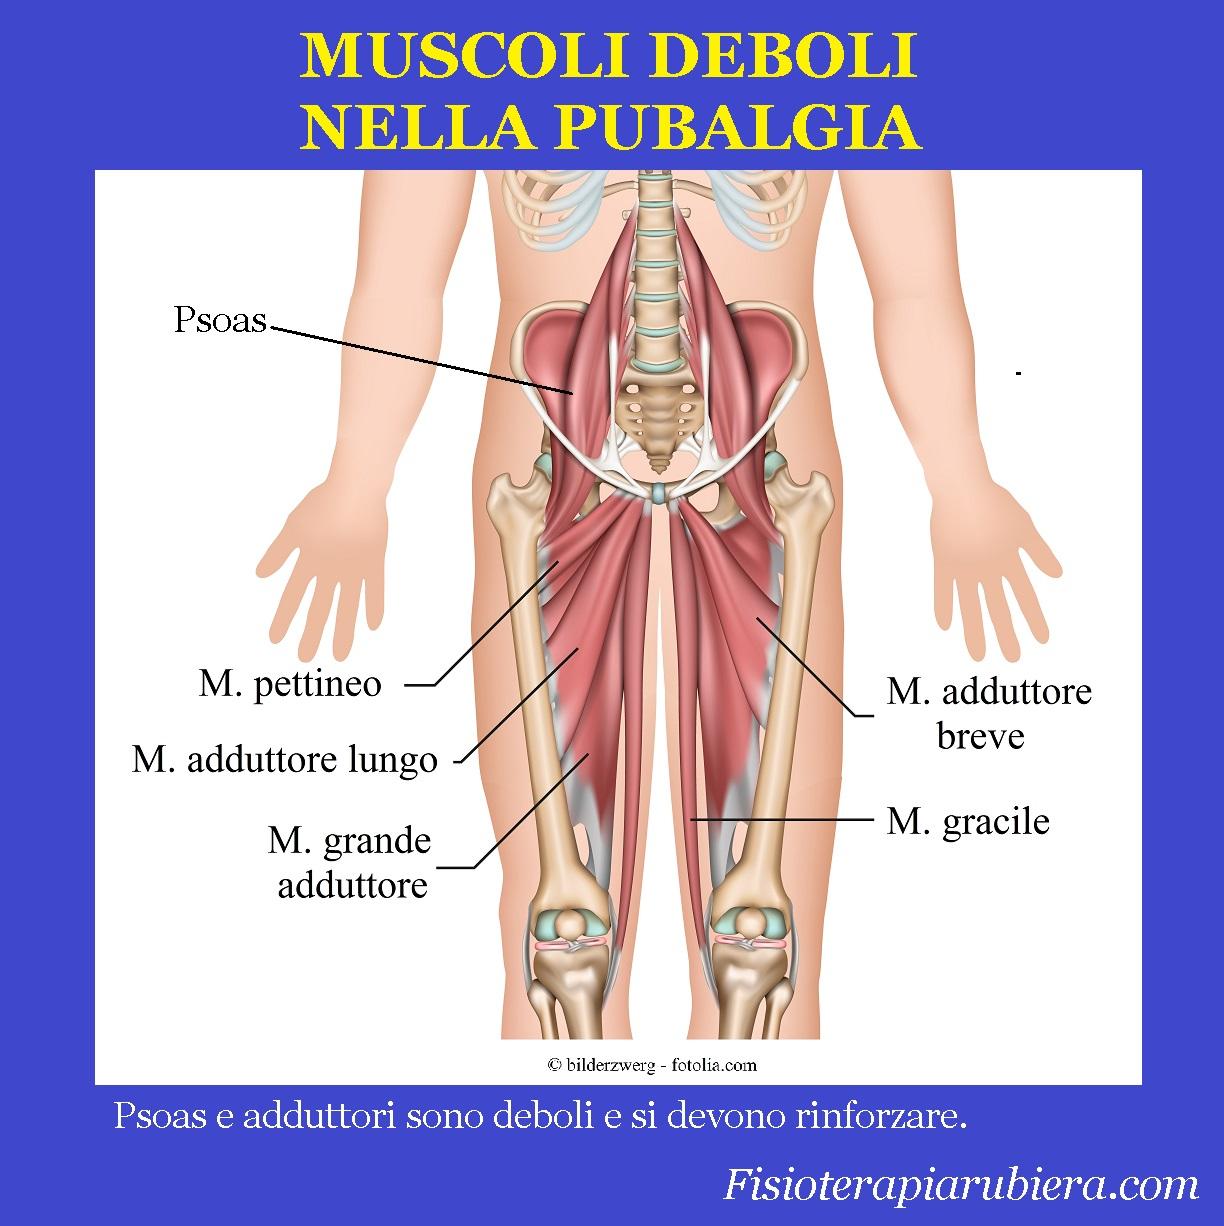 adduttore-grande, lungo, breve, psoas, muscoli, pubalgia